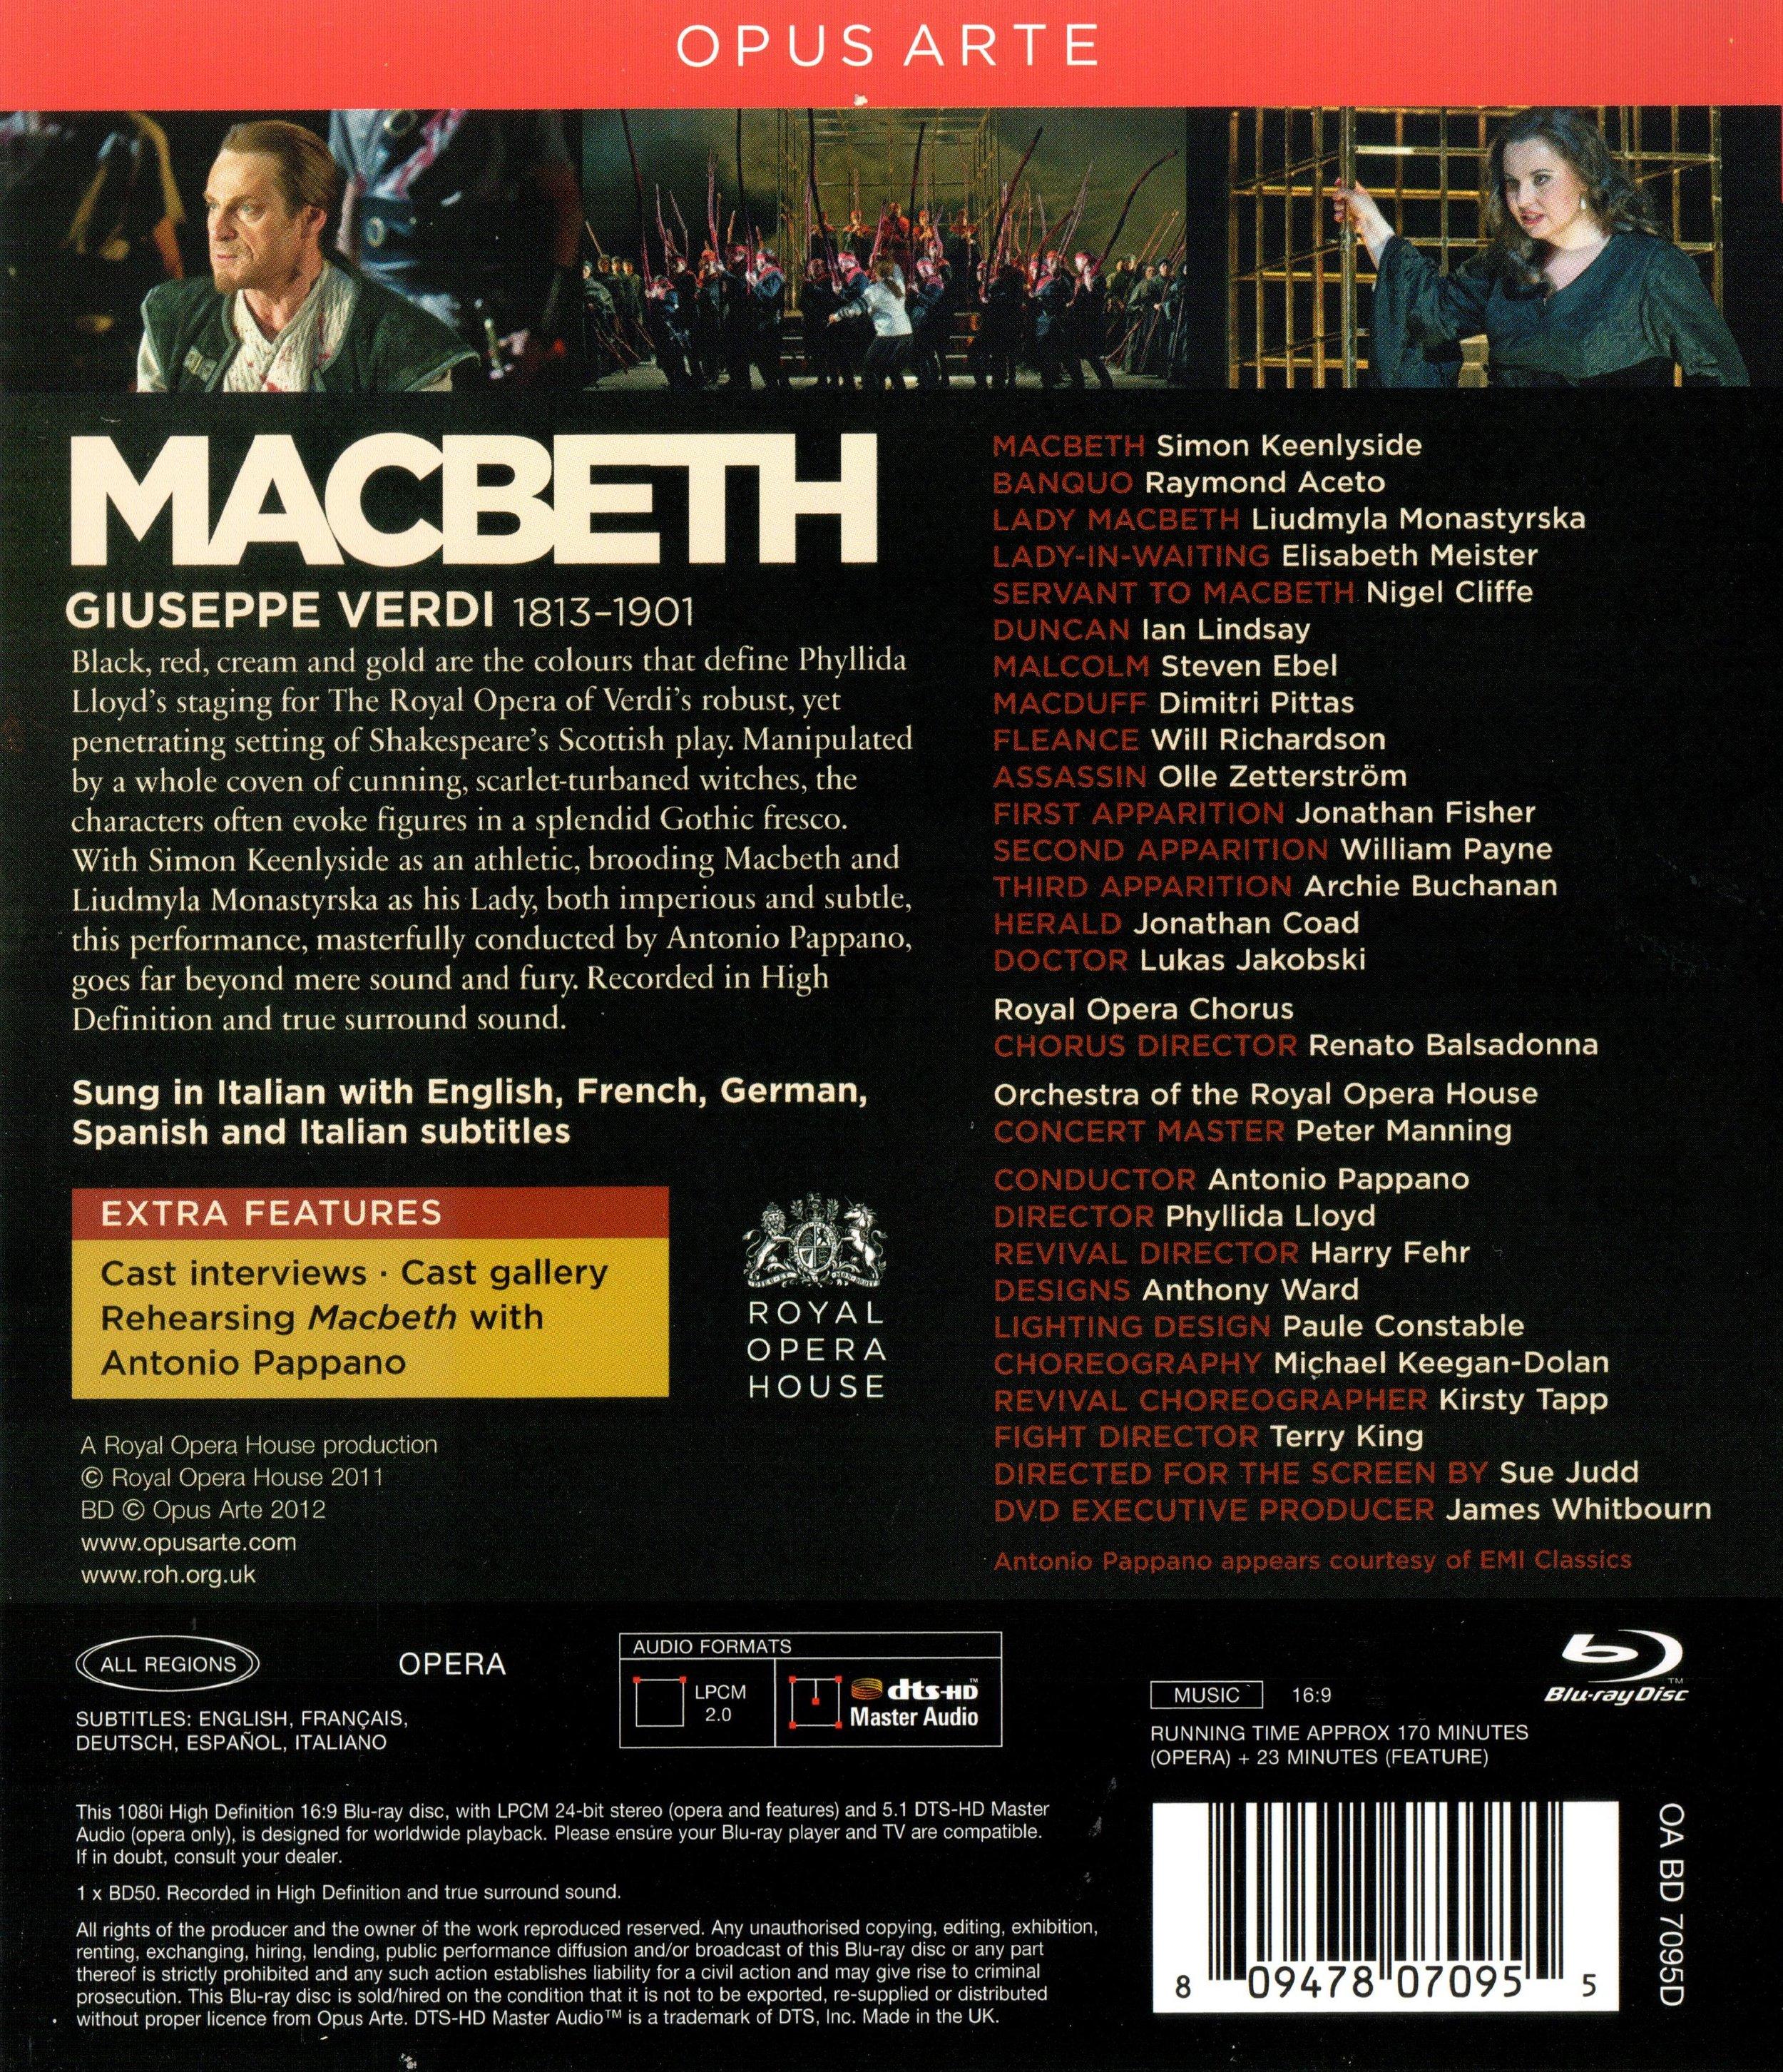 MACBETHback.jpg